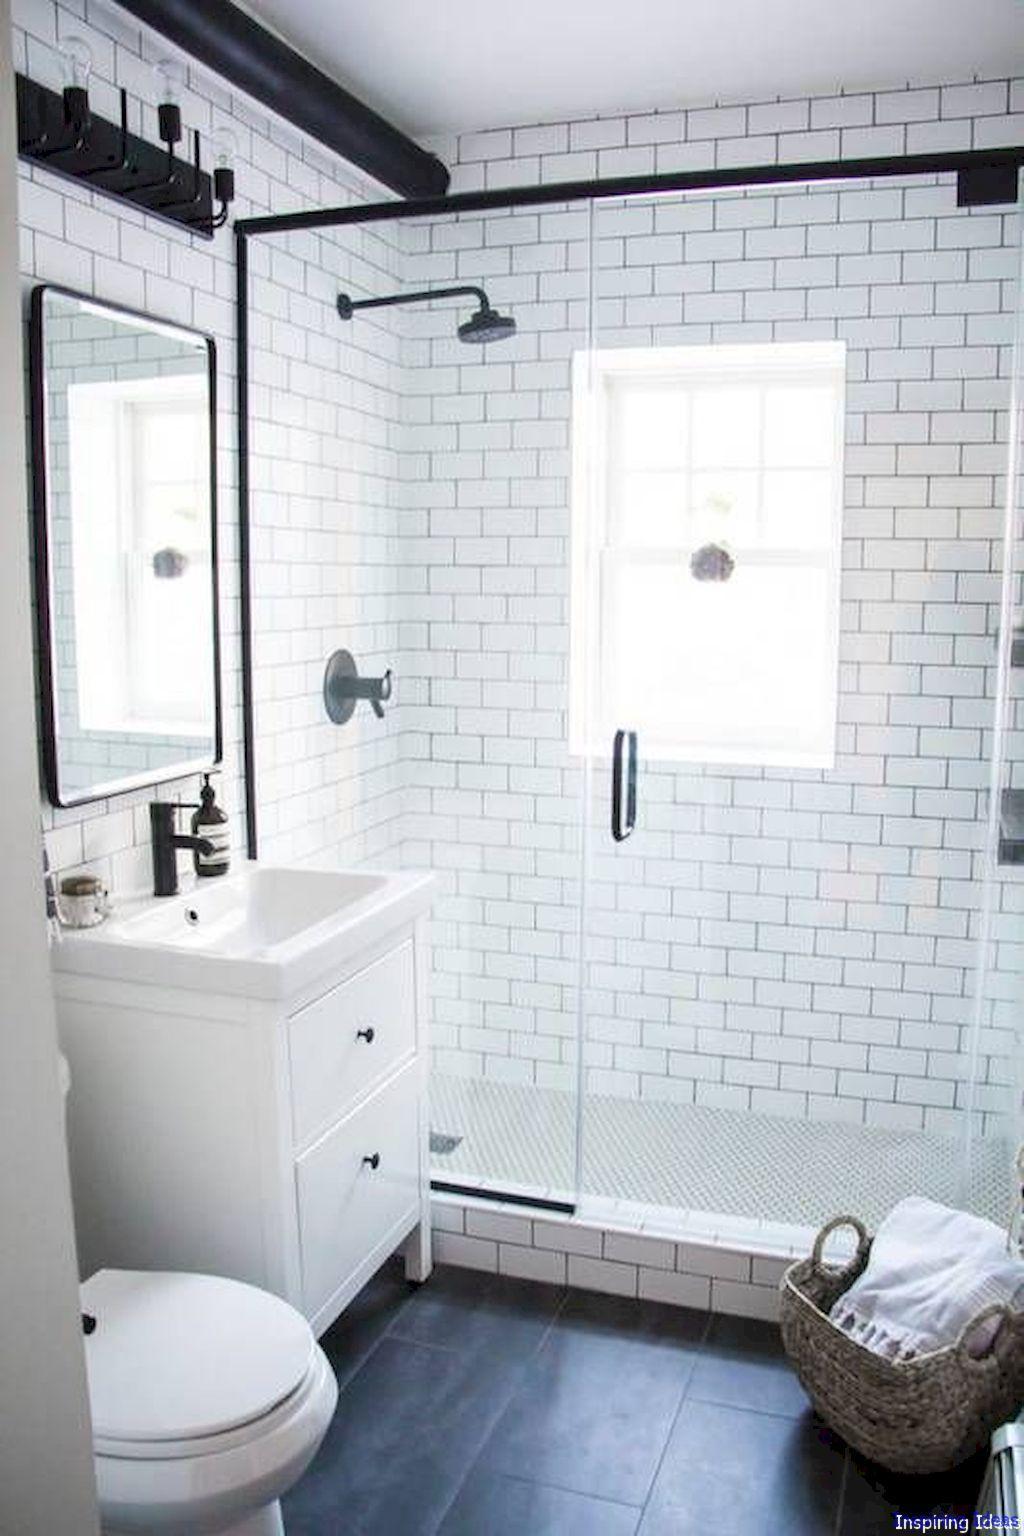 Adorable 55 Clever Small Bathroom Design Ideas Https://decorisart.com/27 Awesome Design